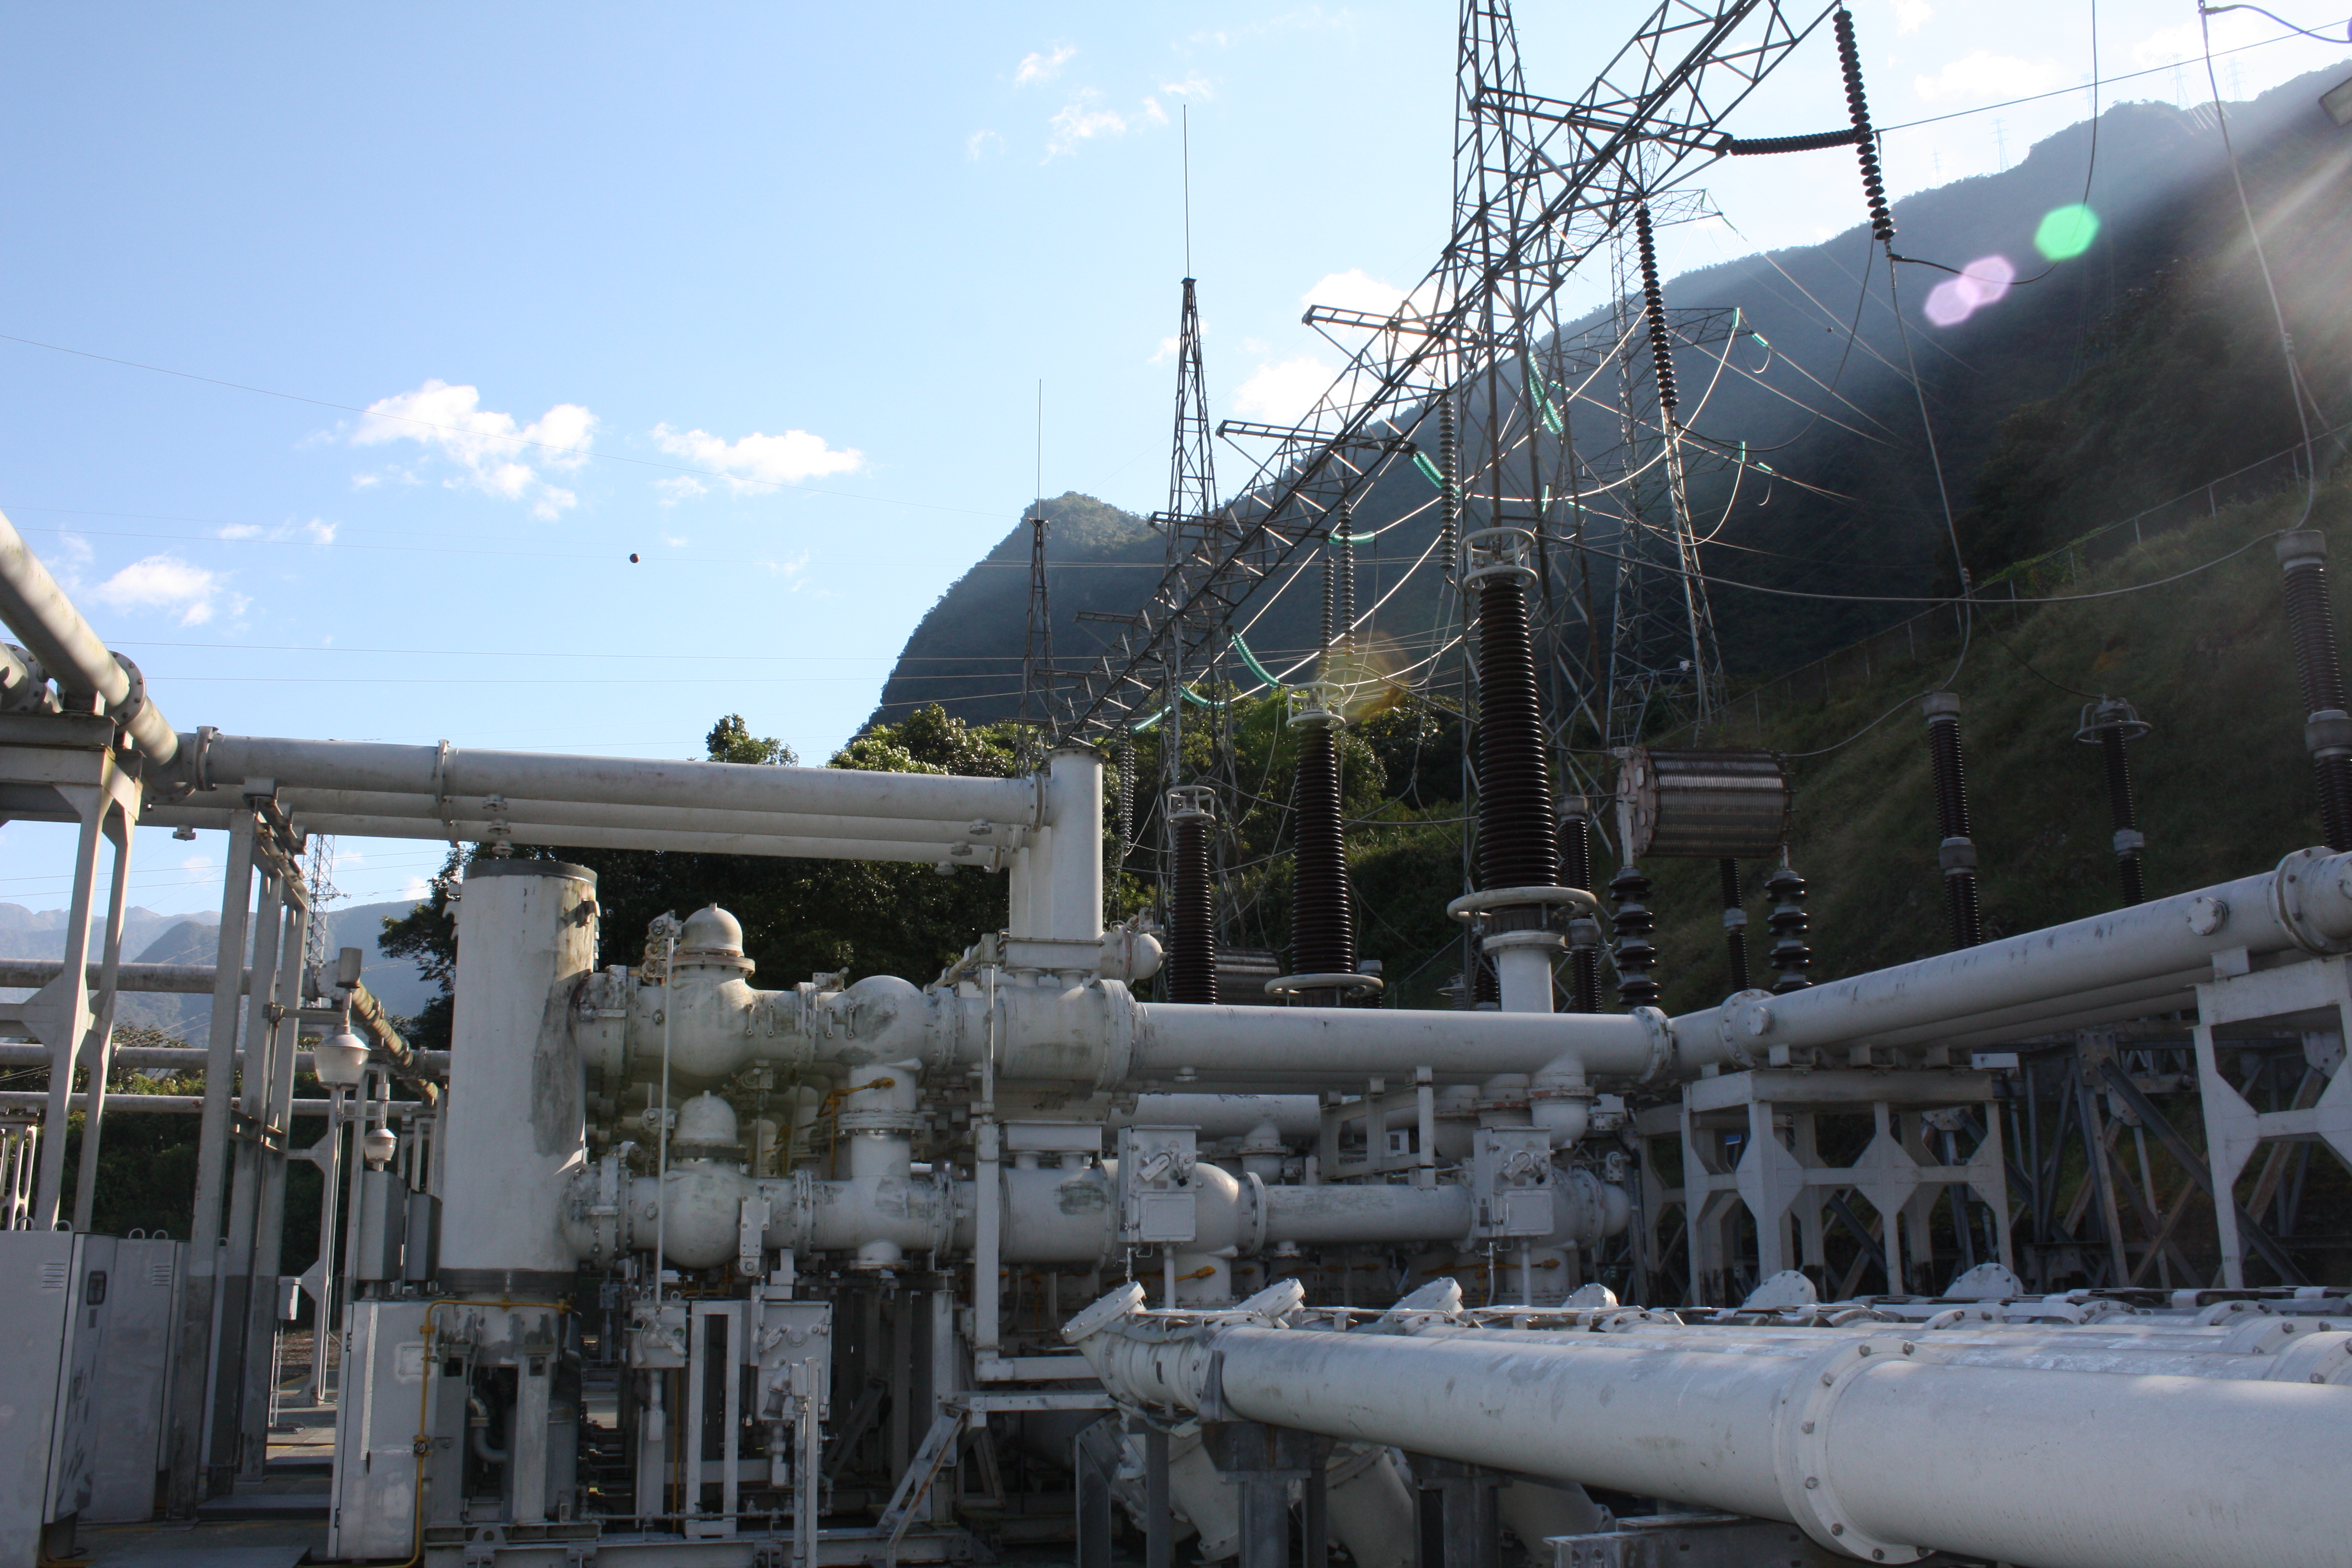 Auditoría Energética y Diseño de Plan de Energía Limpia de Ecuador